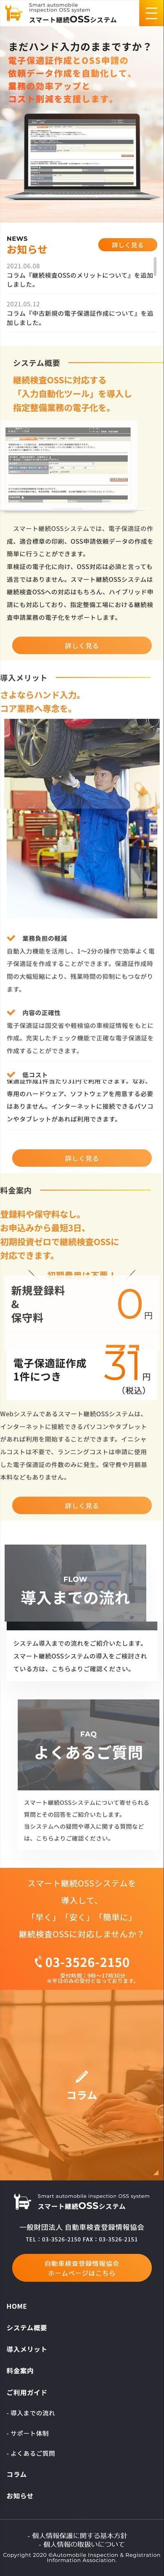 スマート継続OSSシステム